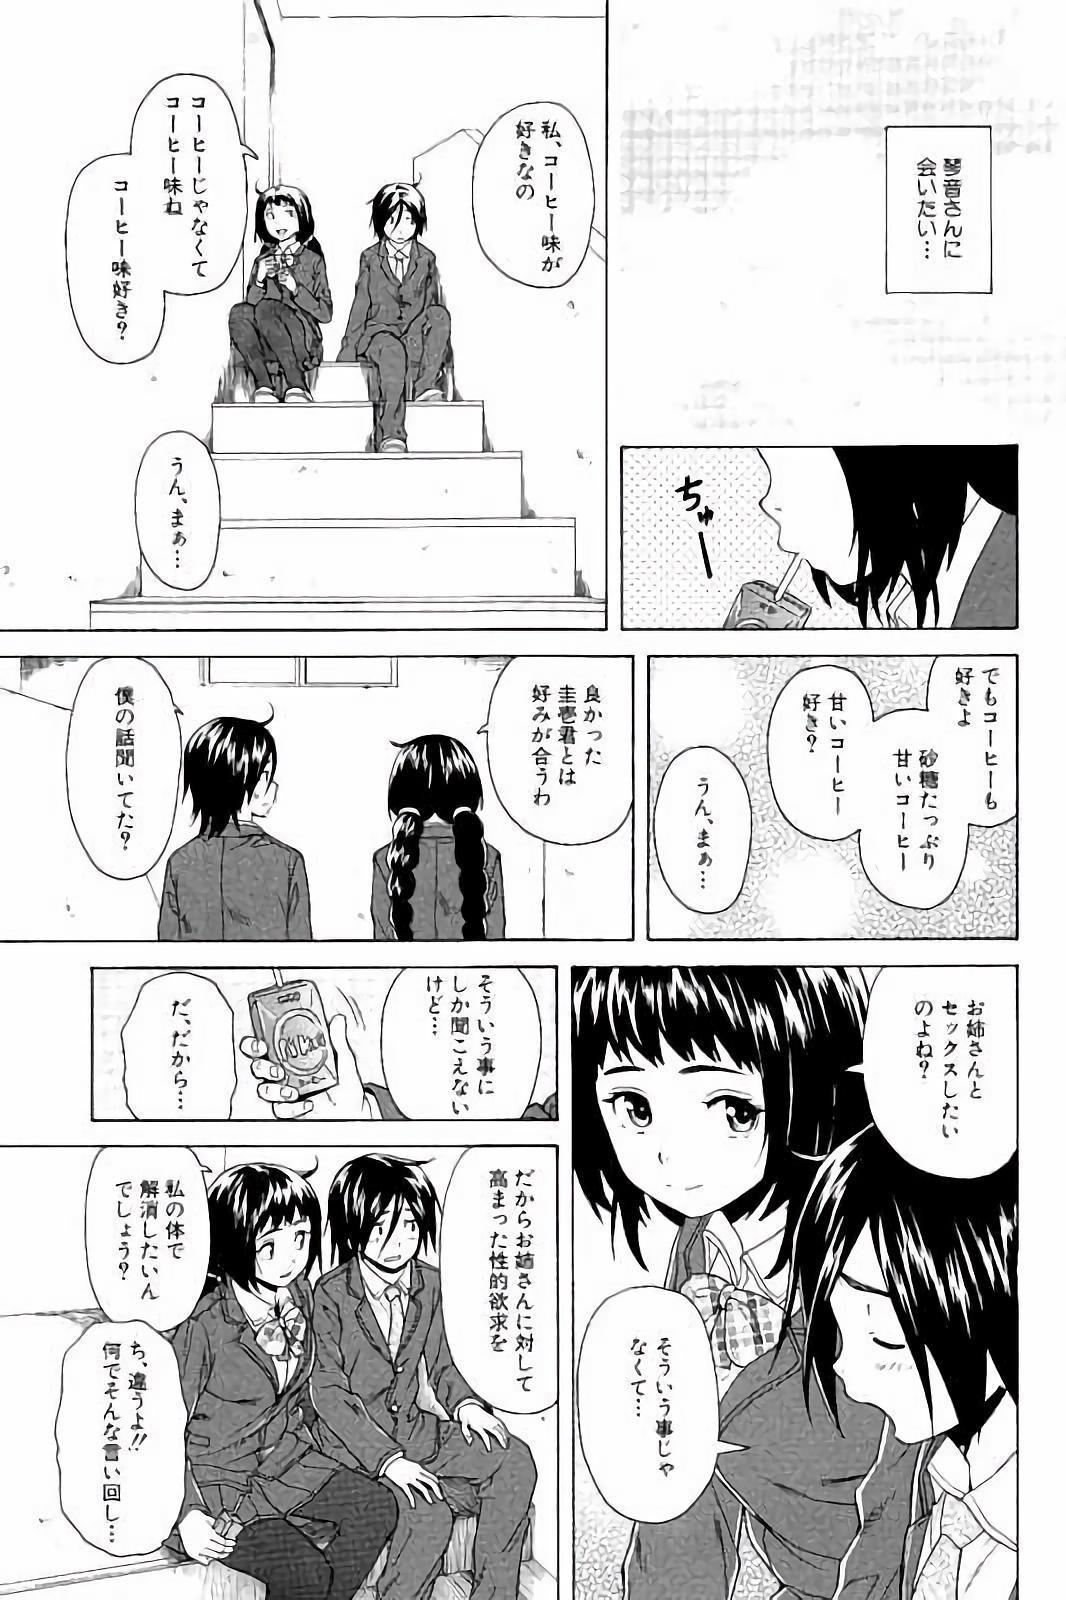 Ane no Himitsu To Boku no Jisatsu 50